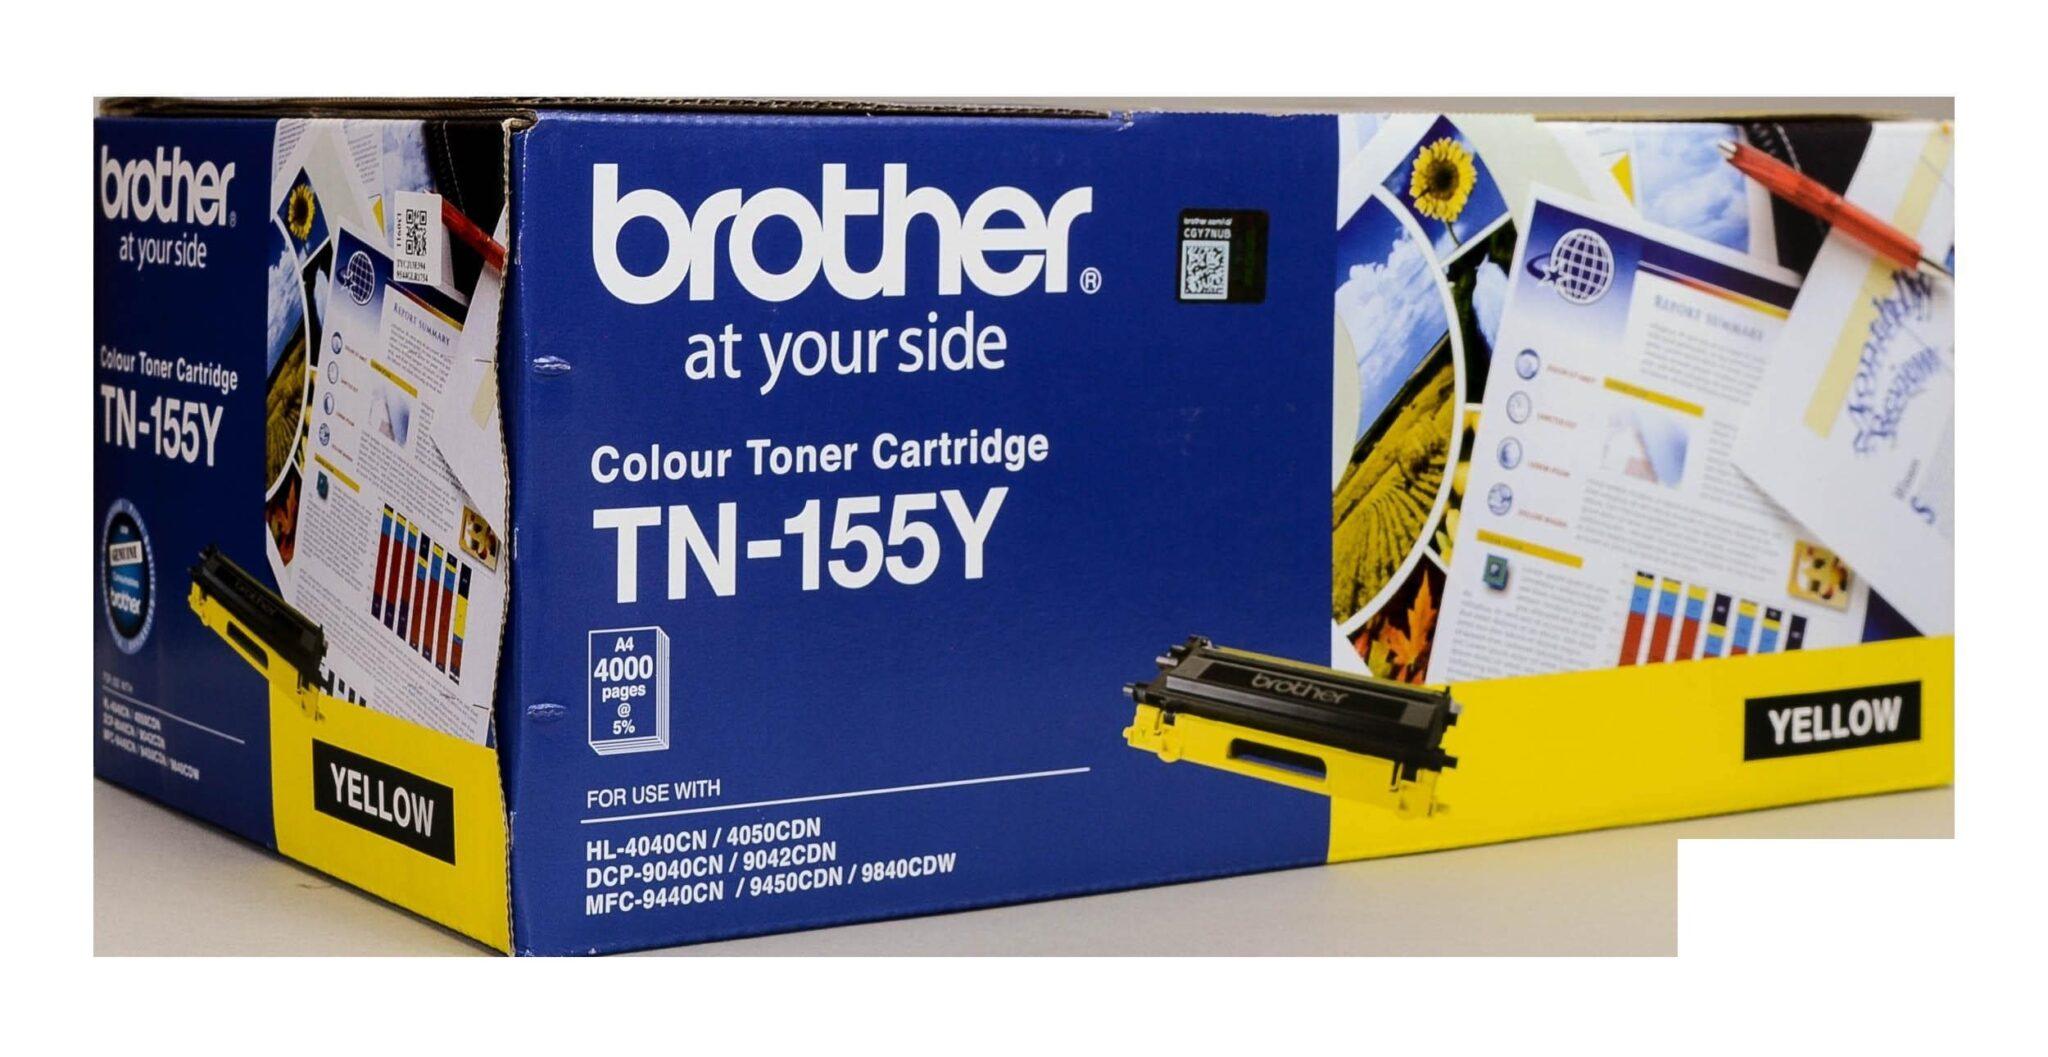 """کیت کارتریج تونر TN-155CMY برادر از تونرهای لیزری شرکت """" Brother """" میباشد. هر کارتریج دارای قطعات ، درام کارتریج ،چیپست کارتریج ، مگنت و فوم کارتریج است ."""